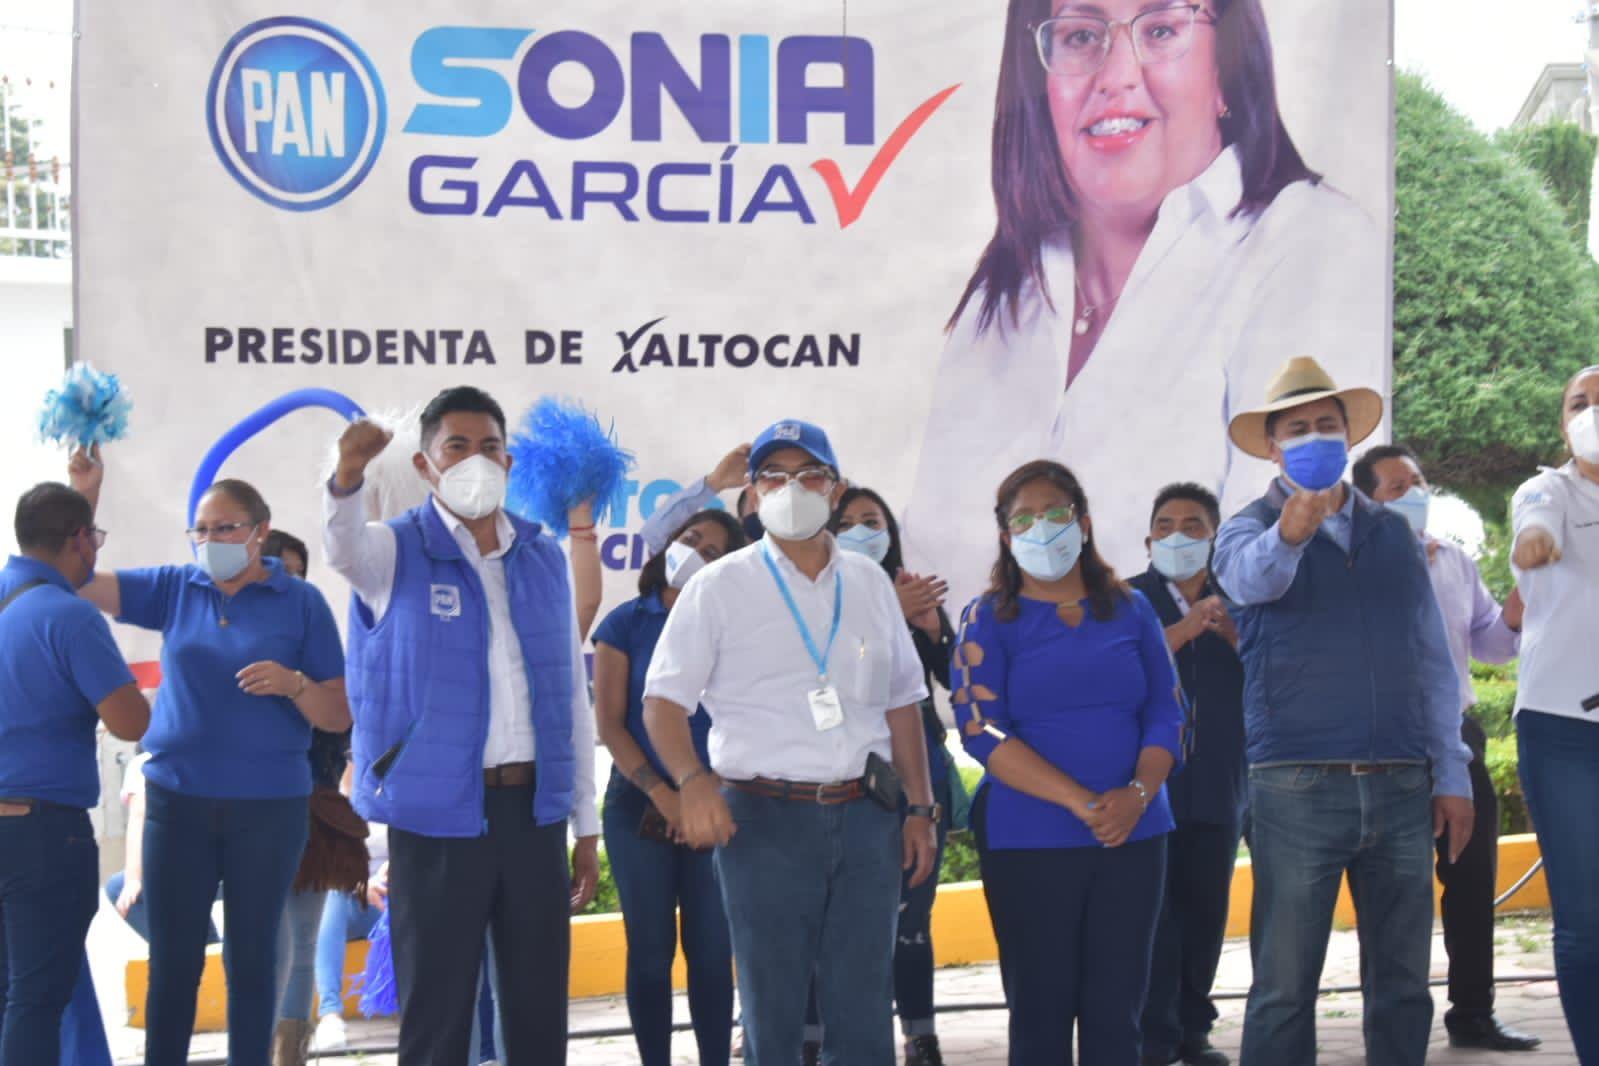 Acompaña Pepe Temoltzin al cierre de campaña de Sonia García en Xaltocan